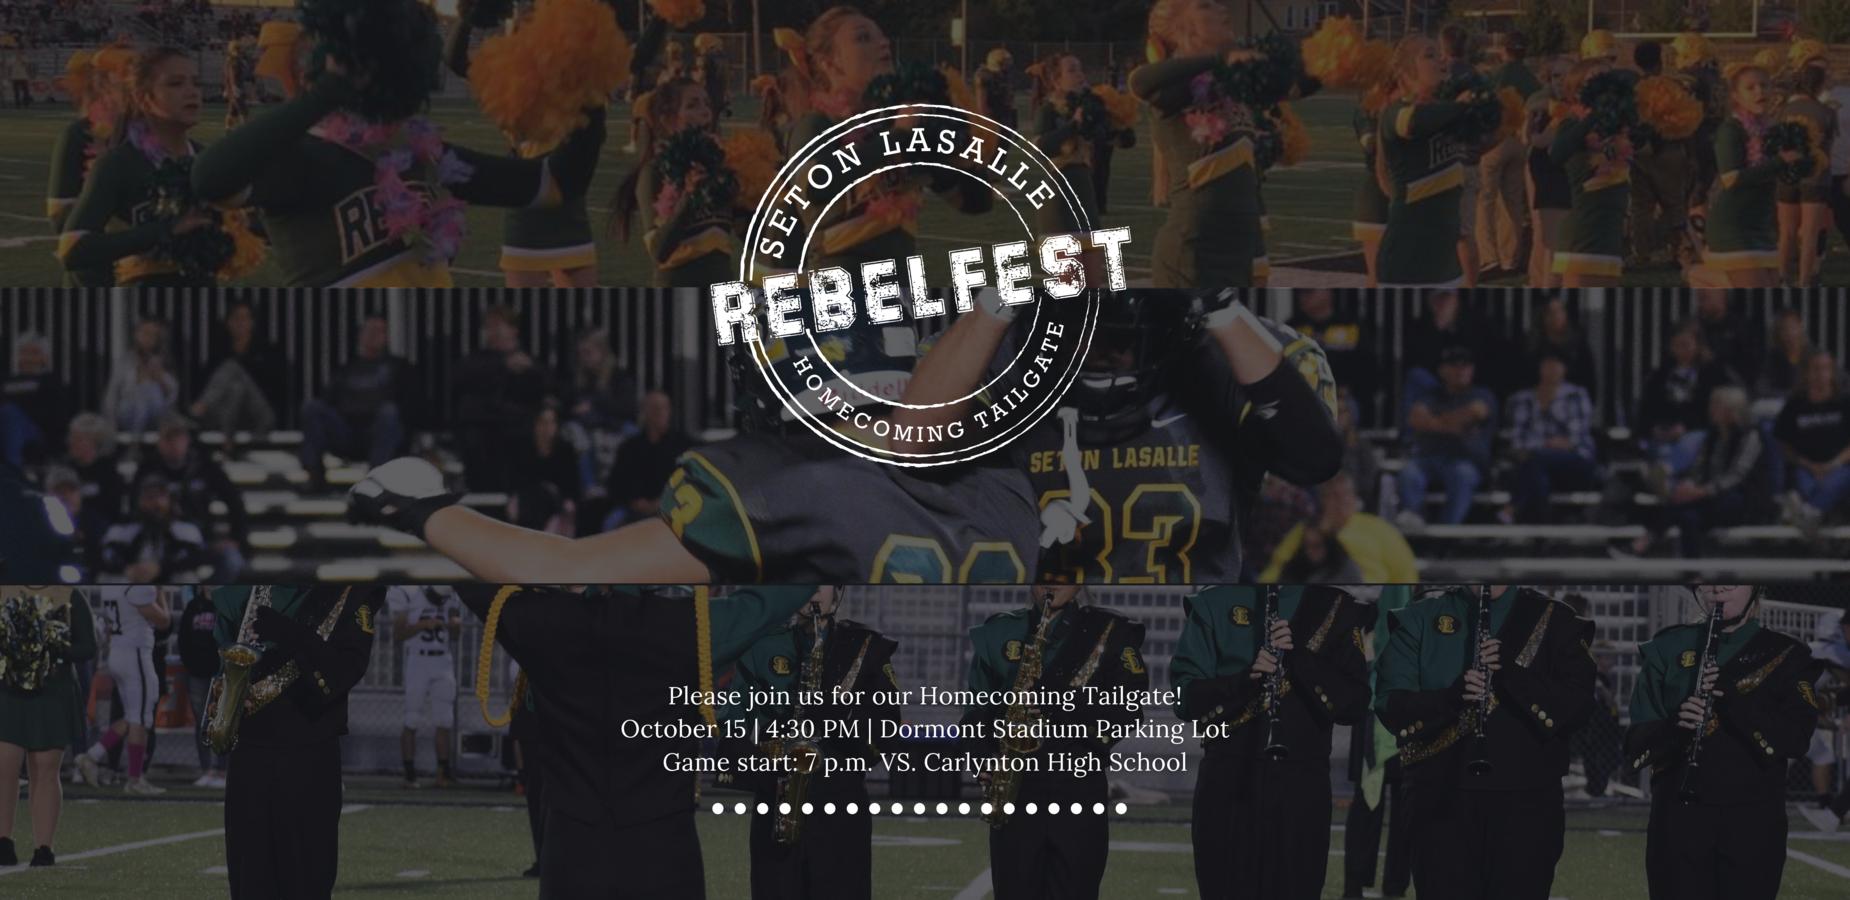 RebelFest